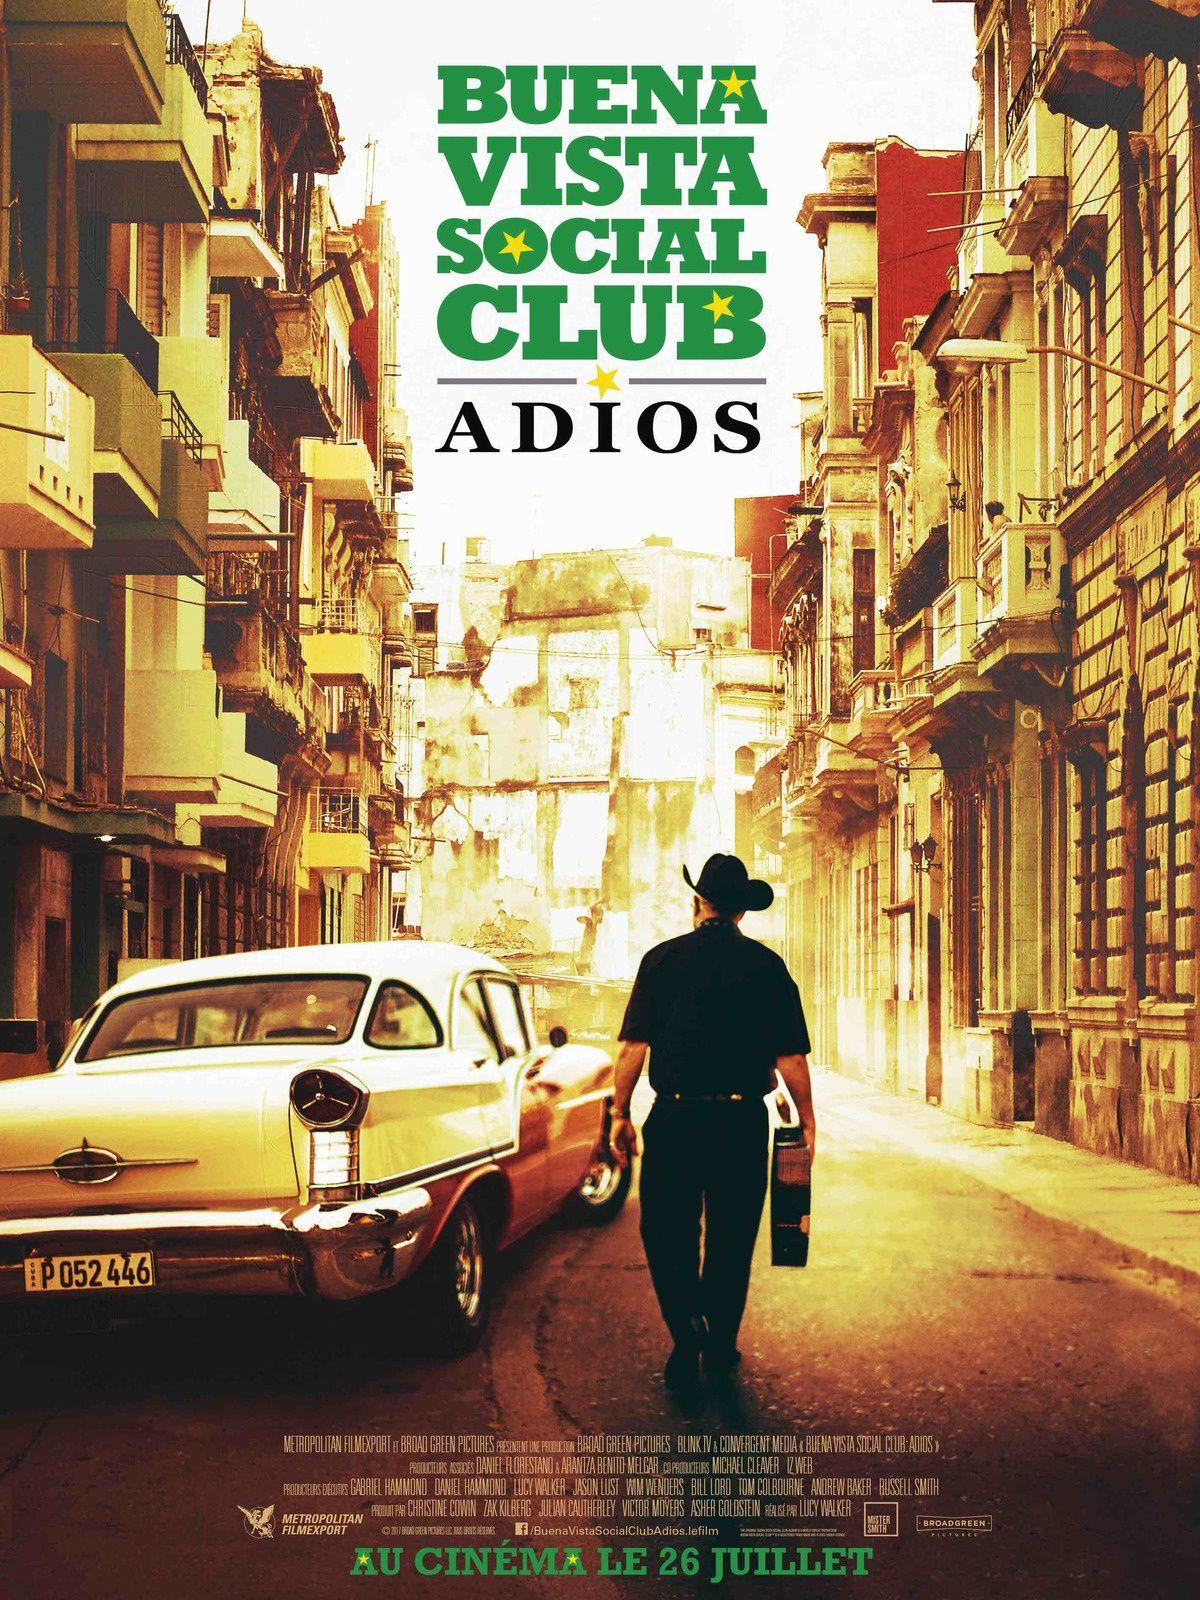 BUENA VISTA SOCIAL CLUB : ADIOS au cinéma le 26 juillet 2017 !